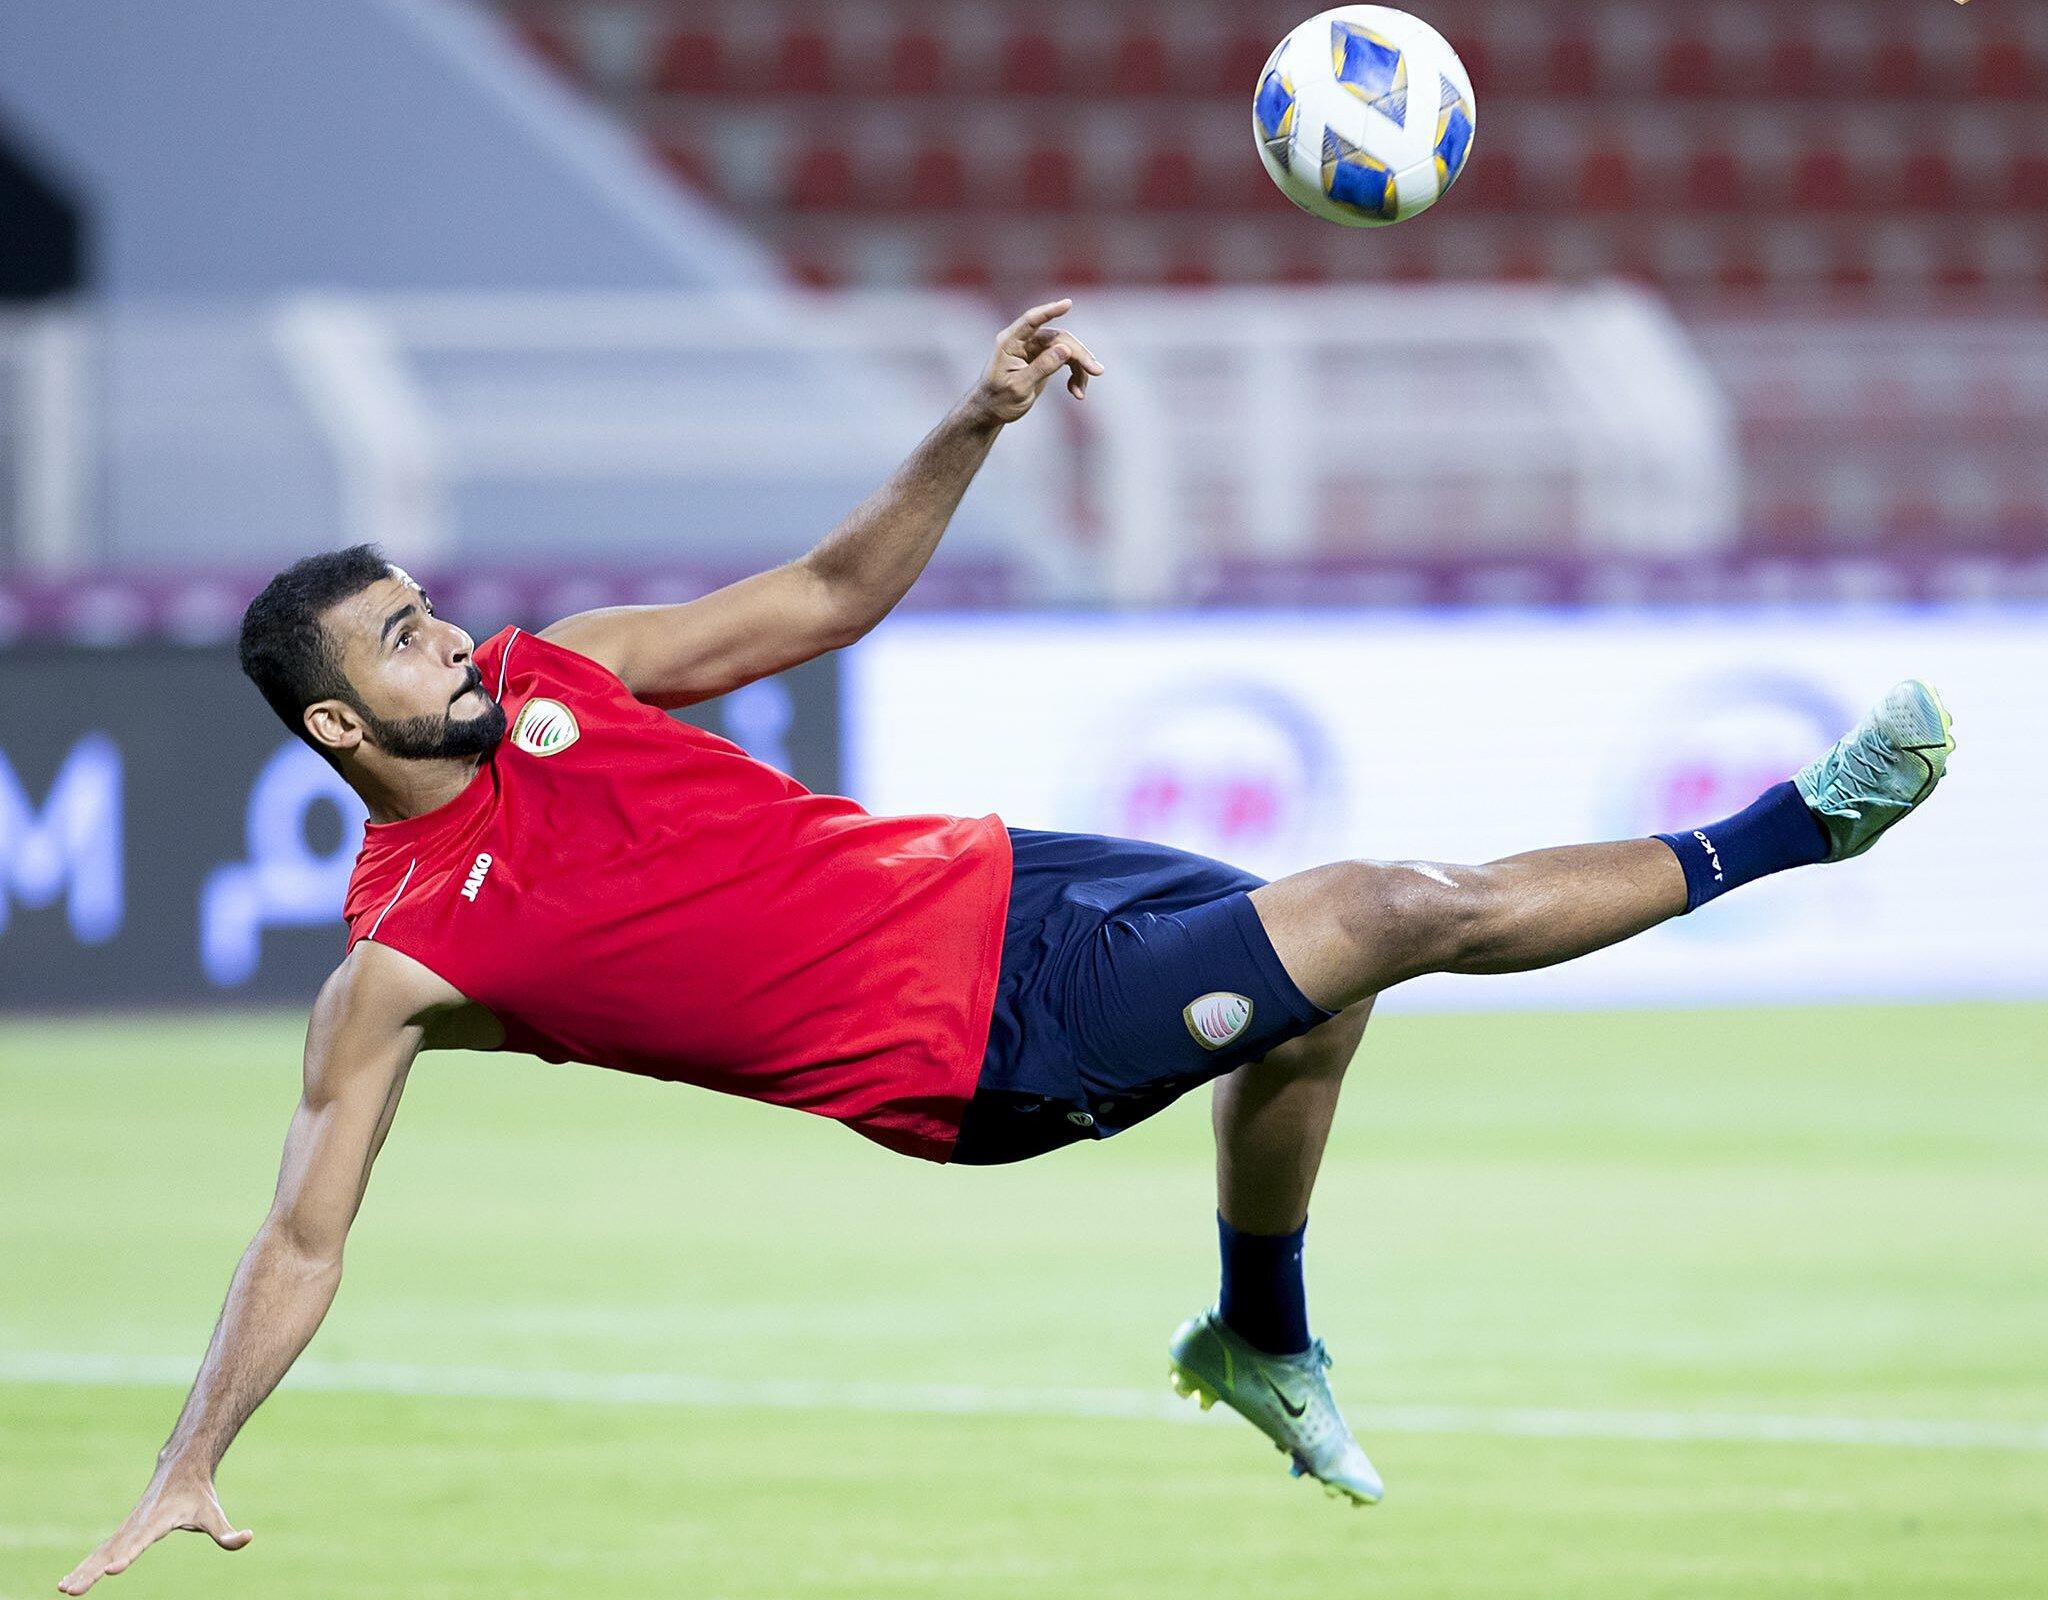 Cầu thủ Oman tập trên sân chính Sultan Qaboos, một ngày trước trận tiếp Việt Nam. Ảnh: OFA